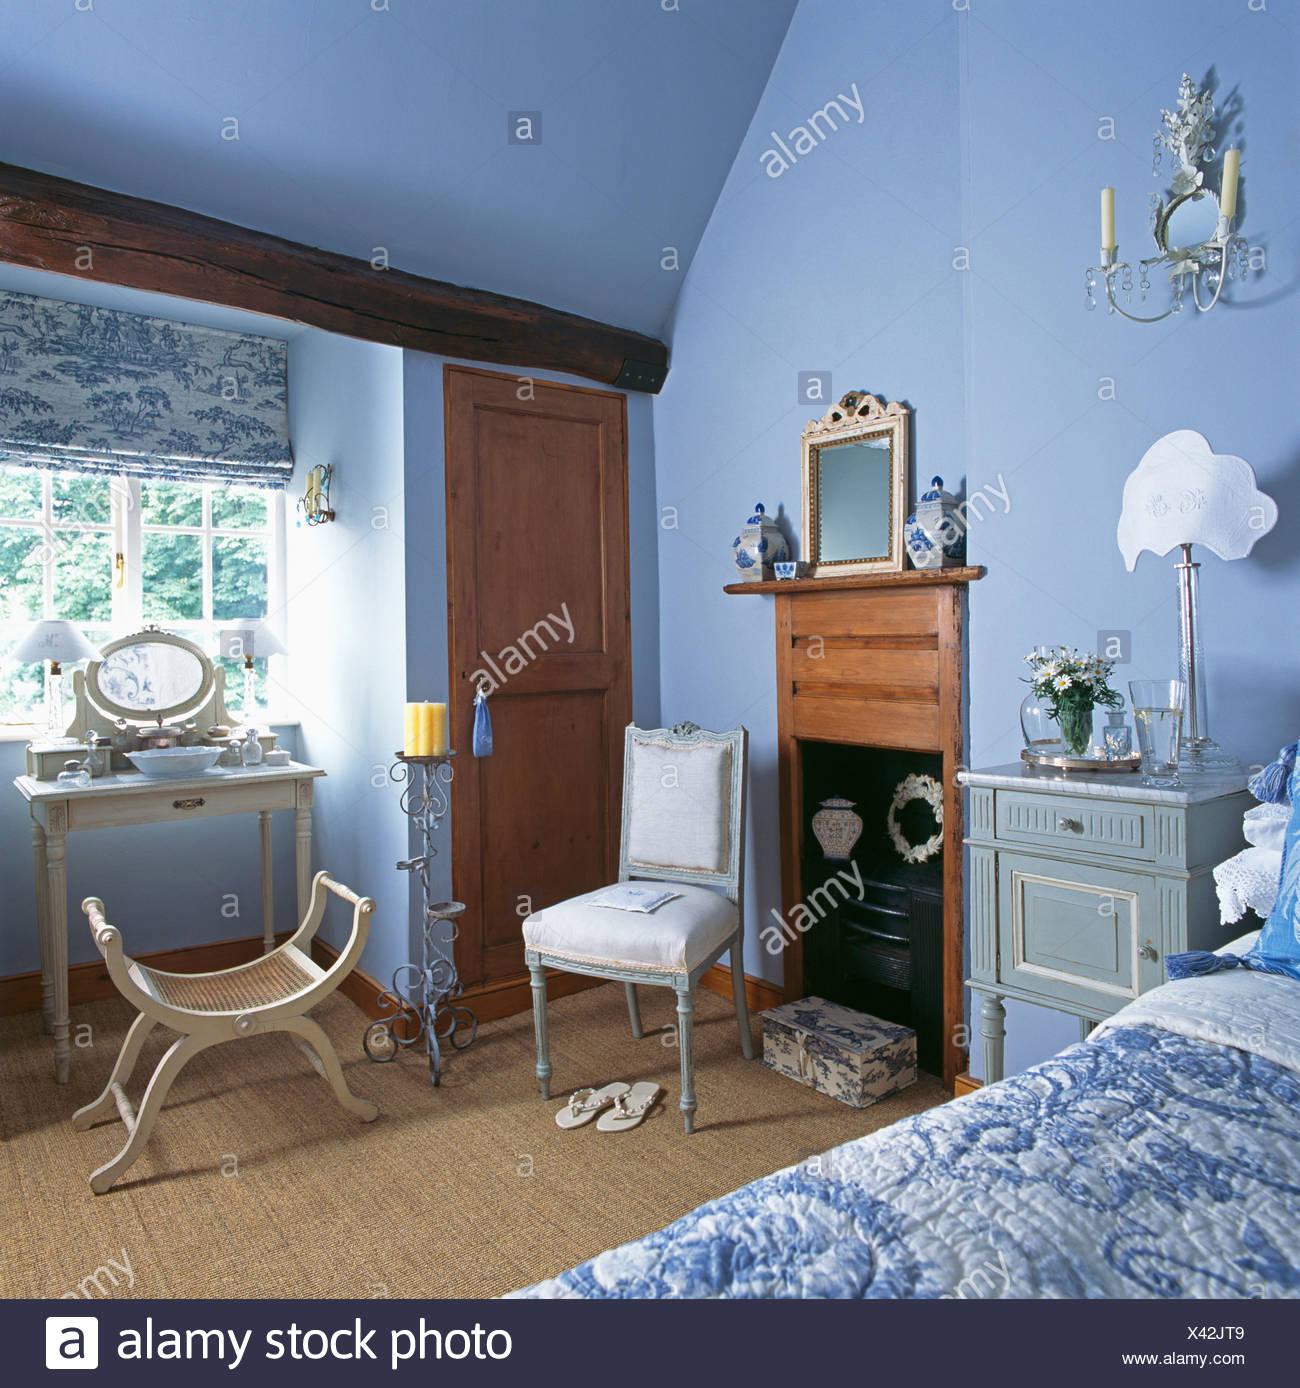 Blau + weiß Toile-de-Jouy Blind auf Fenster über dem kleinen ...